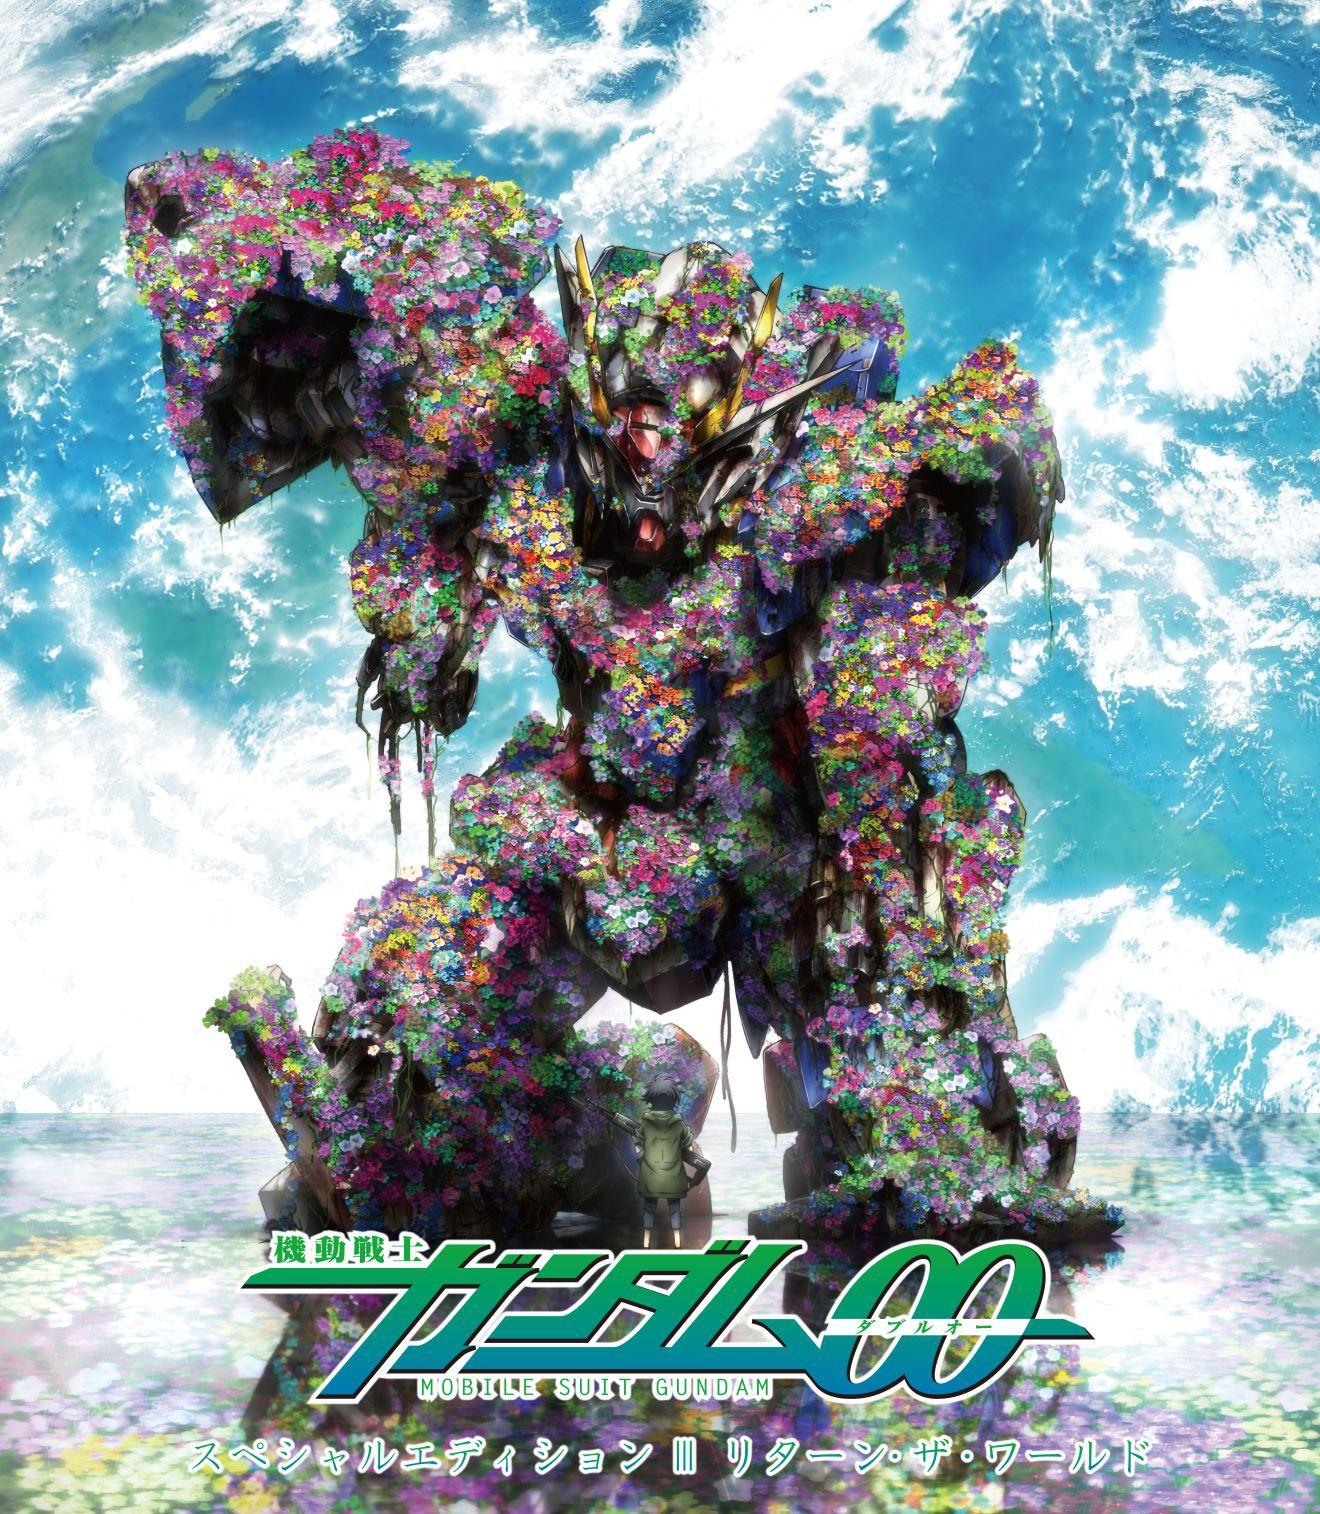 機動戦士ガンダム00 スペシャルエディションⅢ リターン・ザ・ワールド